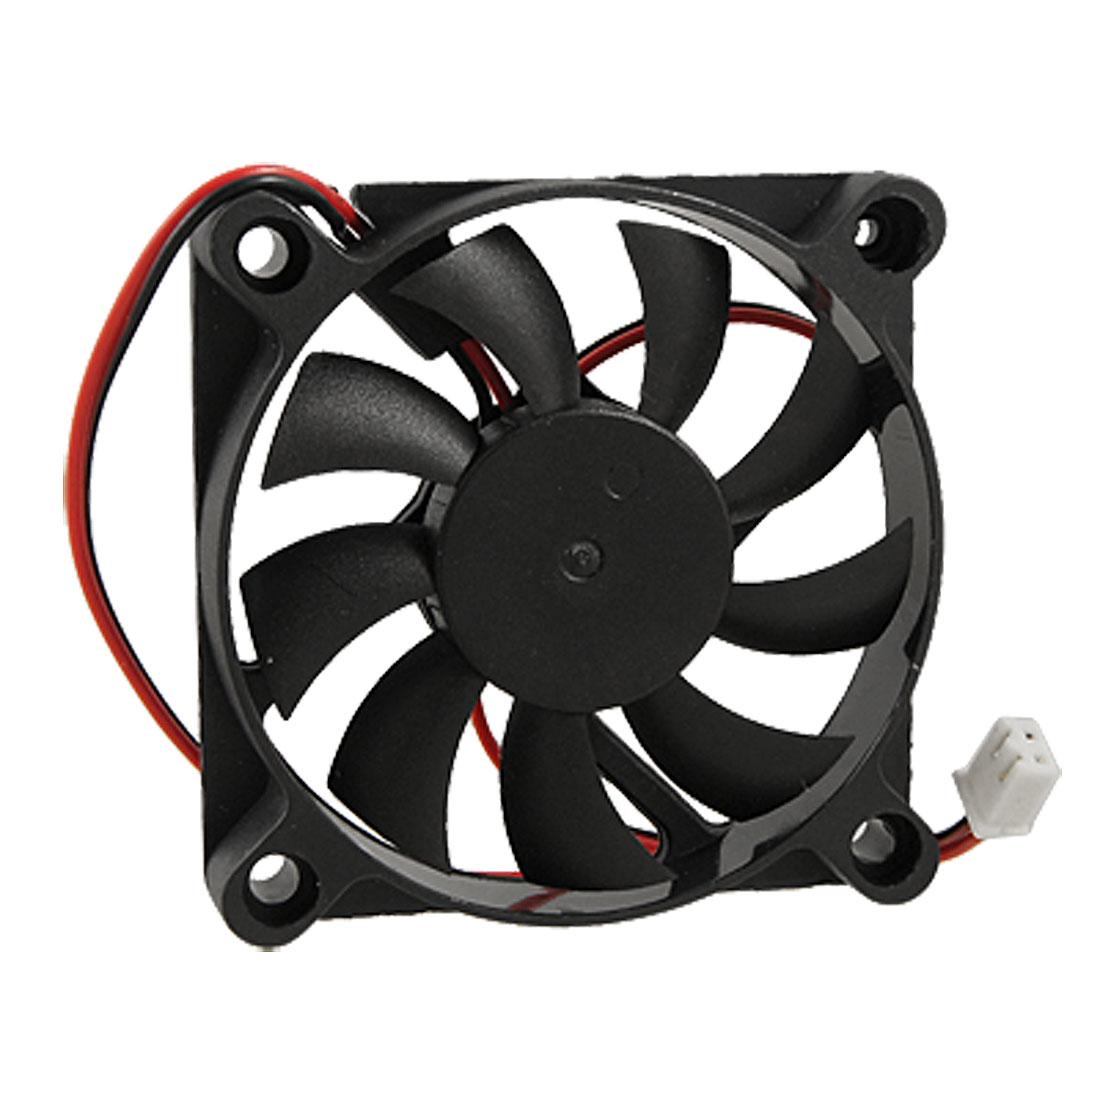 PROMOTION! Hot Desktop PC Case DC 12V 0.16A 60mm 2 Pin Cooler Cooling Fan